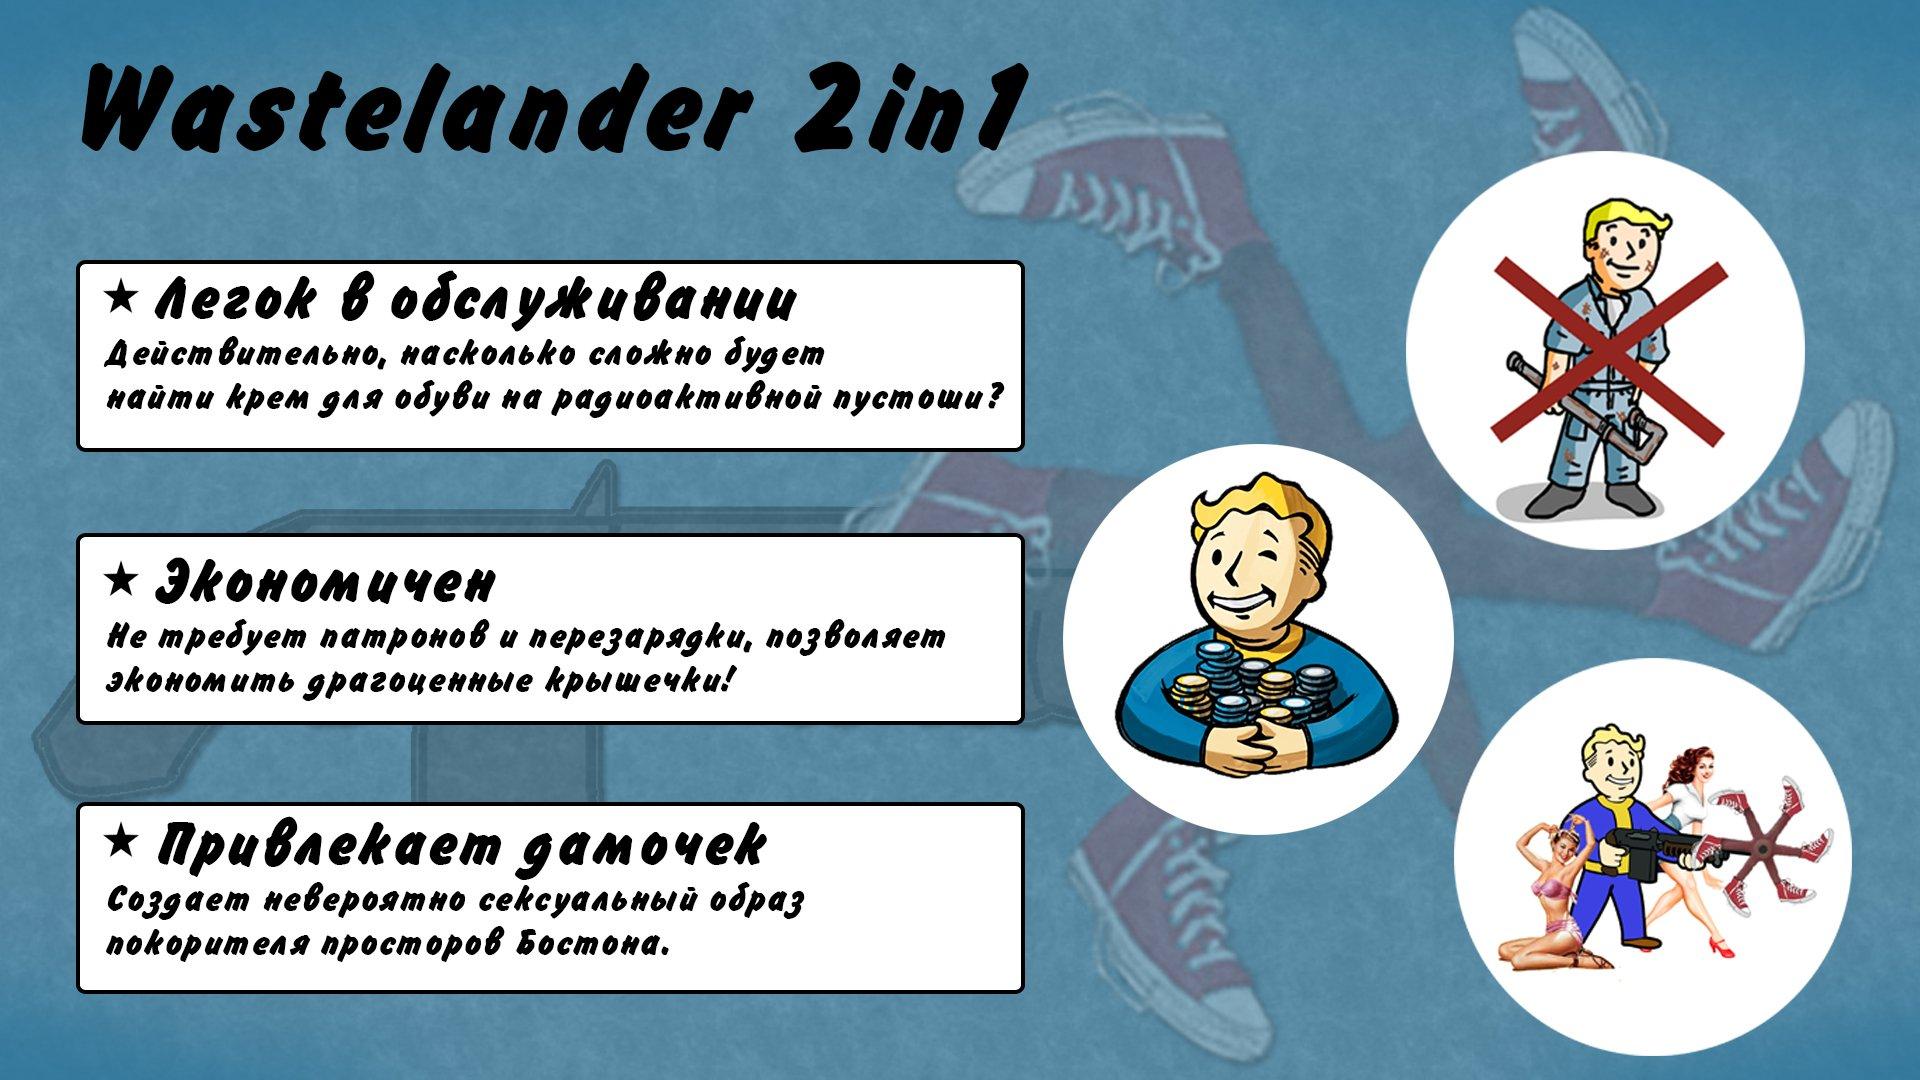 Wastelander 2in1 - оружие мечты - Изображение 4